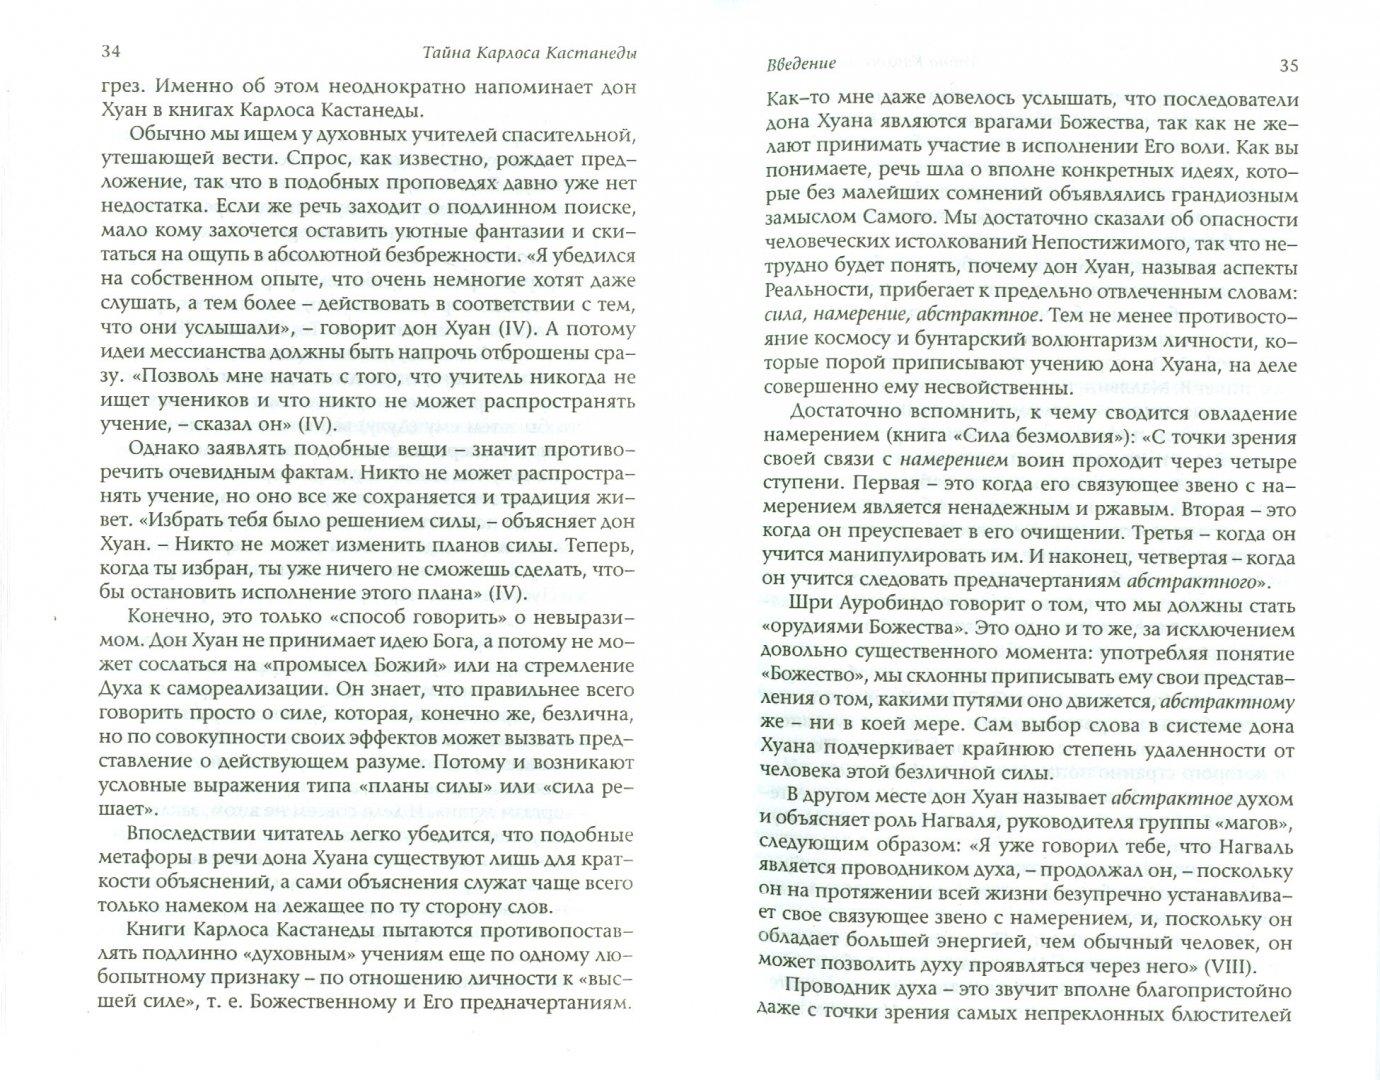 Иллюстрация 1 из 7 для Тайна Карлоса Кастанеды. Описание мира. Часть 1 - Алексей Ксендзюк | Лабиринт - книги. Источник: Лабиринт